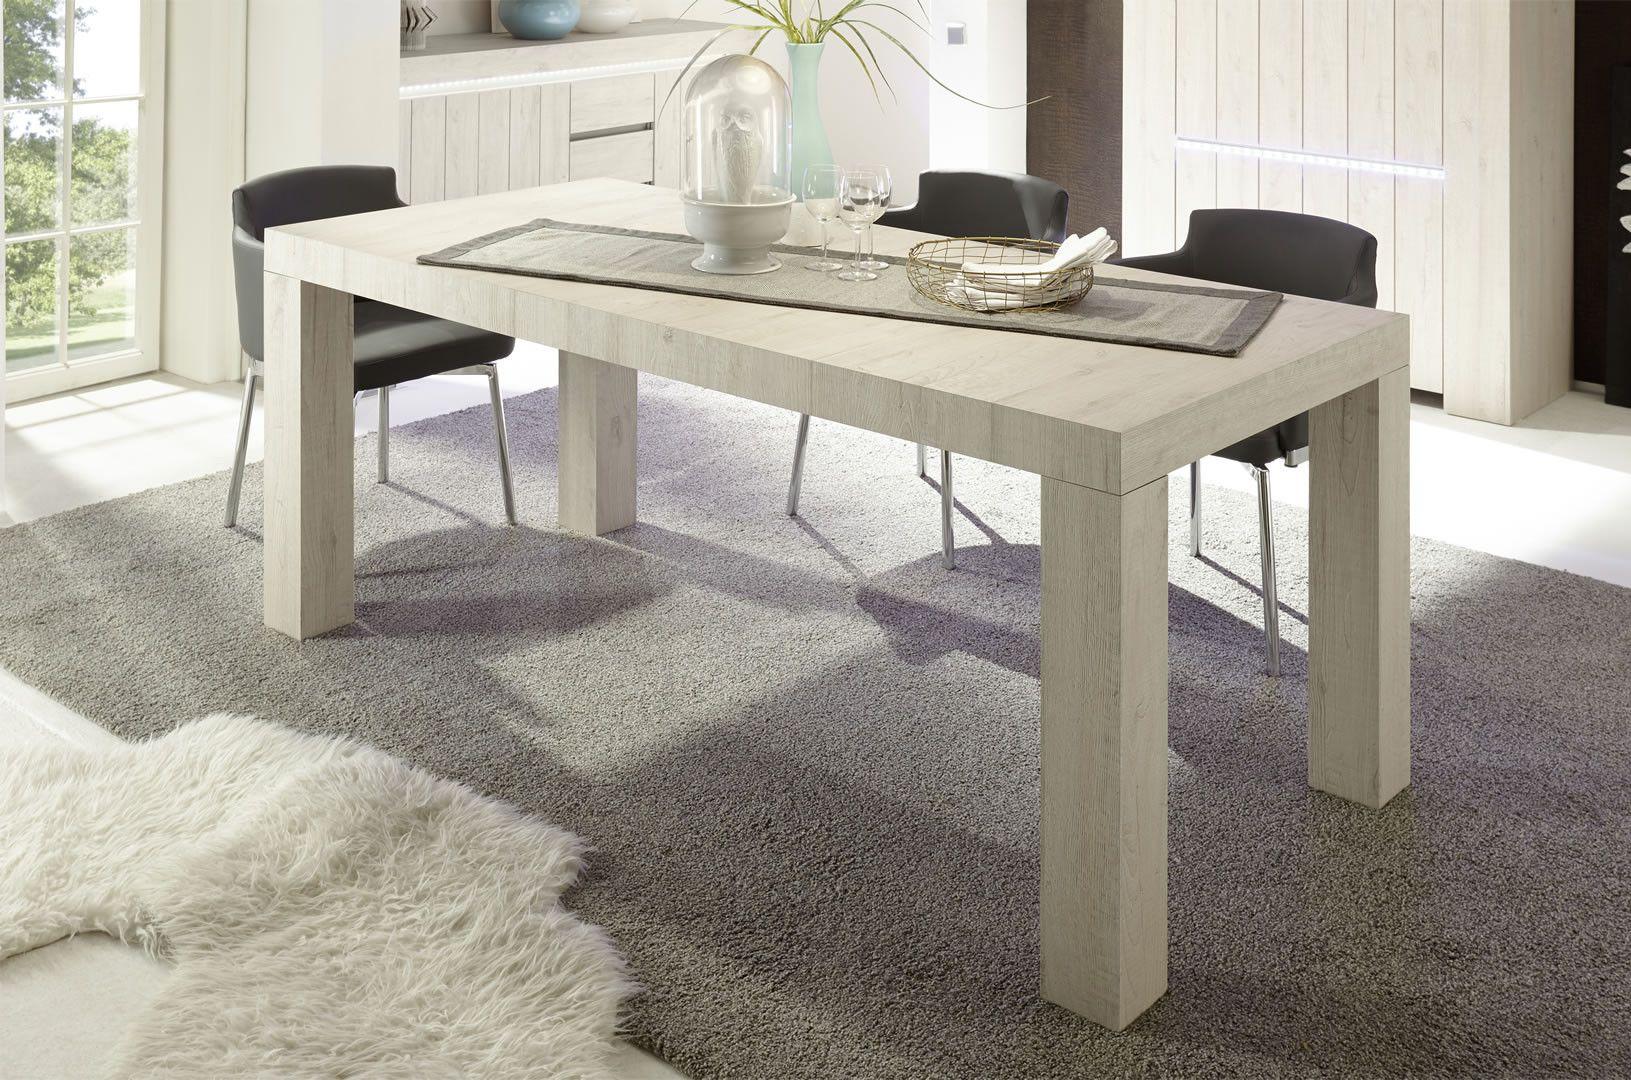 Tables de cuisine - Table salle à manger ou cuisine rectangulaire ...